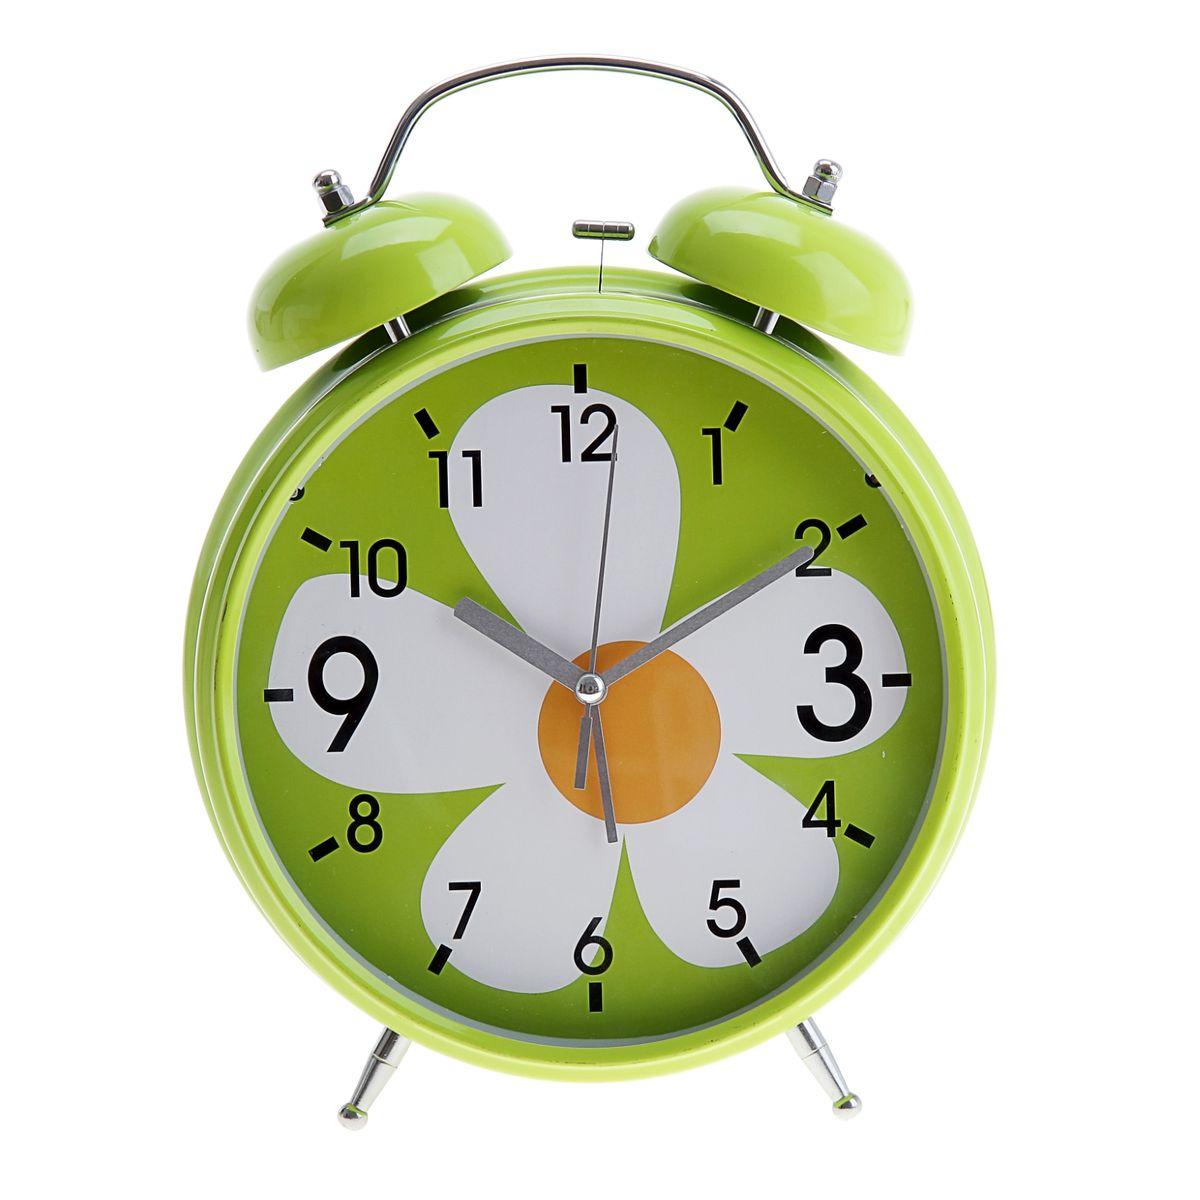 Часы-будильник Sima-land Ромашка, цвет: салатовый, белый, оранжевый, диаметр 20 смVT-3521(ВК)Часы-будильник Sima-land Ромашка - это невероятных размеров устройство, созданное специально для тех, кто с трудом просыпается по утрам!Изделие обладает оригинальным интересным дизайном. Циферблат украшен ярким рисунком ромашки. Такой будильник станет изюминкой вашего интерьера.Будильник работает от 3 батареек типа АА 1,5 В (в комплект не входят). На задней панели будильника расположены переключатель включения/выключения механизма, два поворотных рычага для настройки текущего времени и установки будильника, а также кнопка для включения подсветки циферблата.Диаметр циферблата: 20 см.